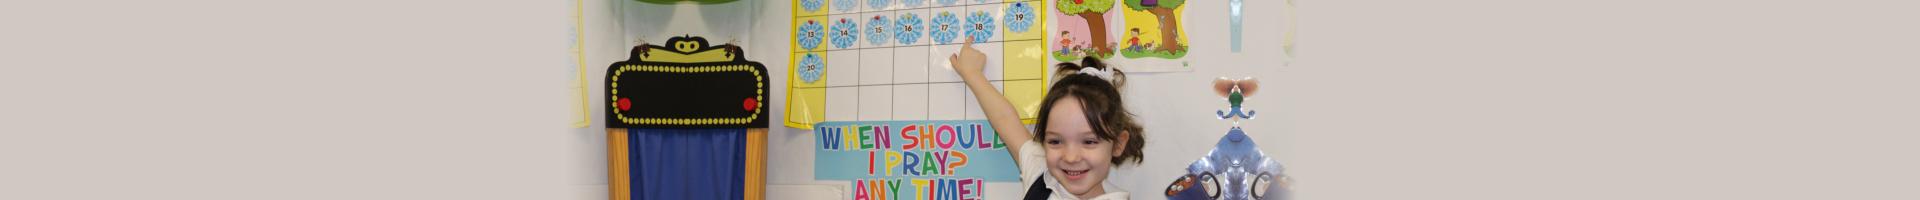 Young Girl teaching